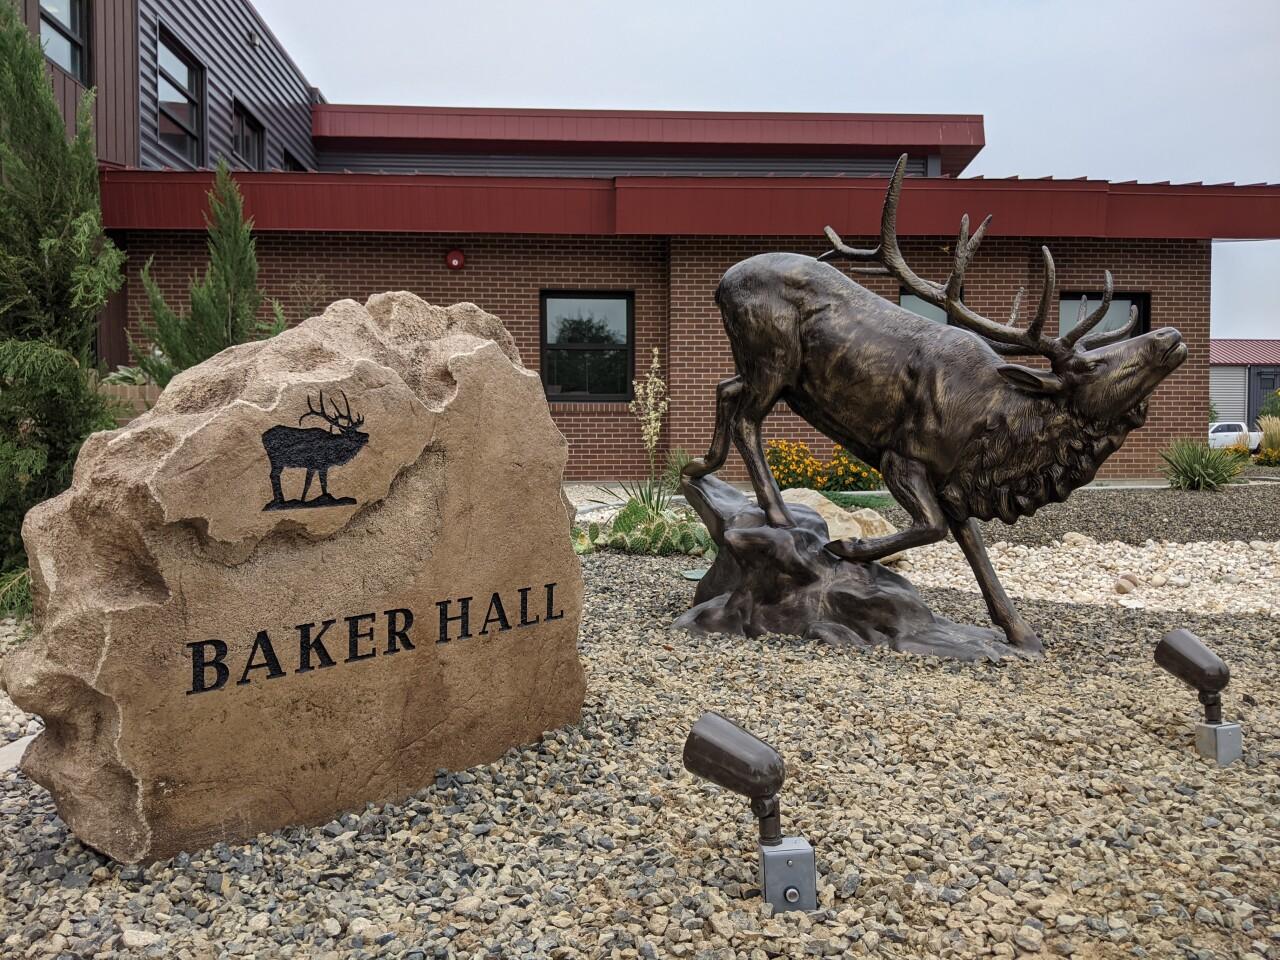 Baker Hall